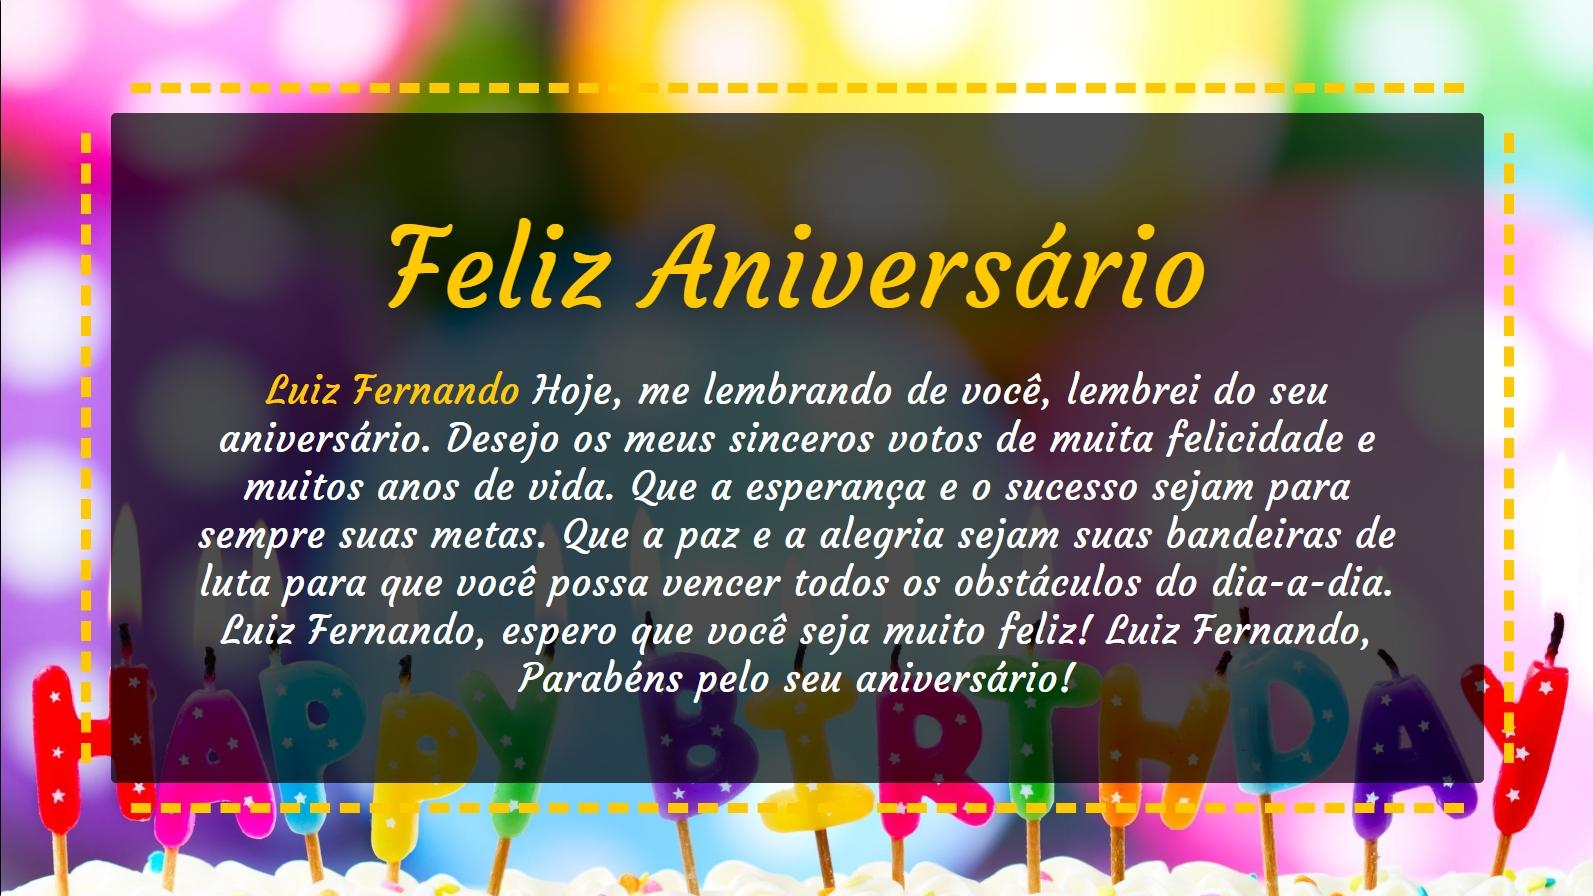 Luiz Fernando Hoje, me lembrando de você, lembrei do seu aniversário. Desejo os meus sinceros votos de muita felicidade e muitos anos de vida. Que a esperança e o sucesso sejam para sempre suas metas. Que a paz e a alegria sejam suas bandeiras de luta para que você possa vencer todos os obstáculos do dia-a-dia. Luiz Fernando, espero que você seja muito feliz! Luiz Fernando, Parabéns pelo seu aniversário!